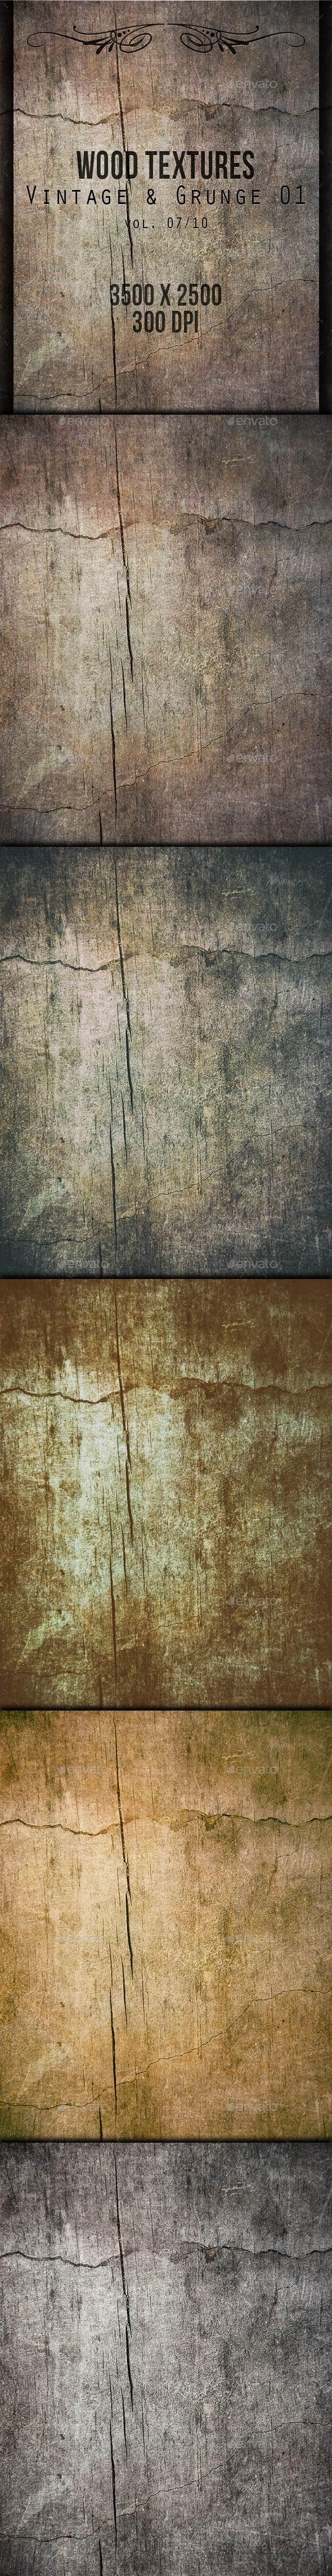 Wood Textures - Vintage & Grunge 01 vol. 07